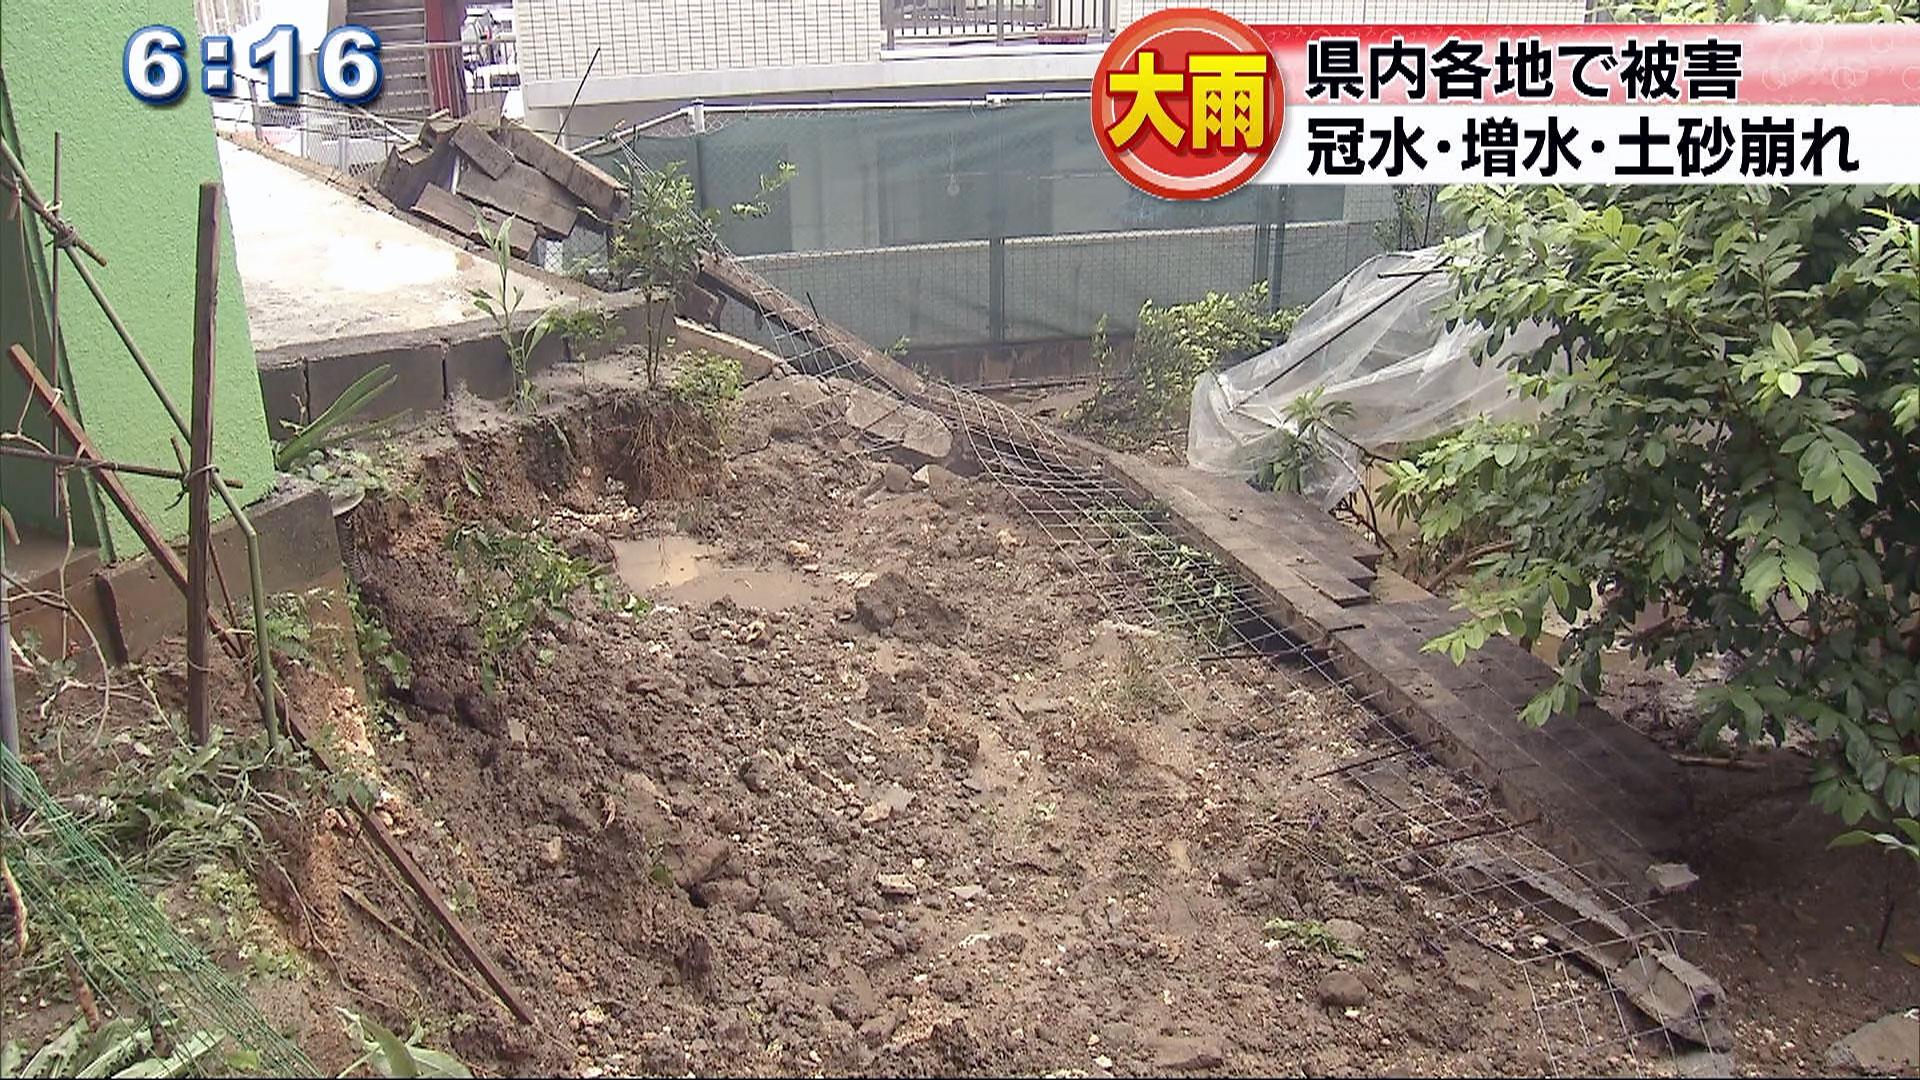 沖縄本島各地で冠水被害